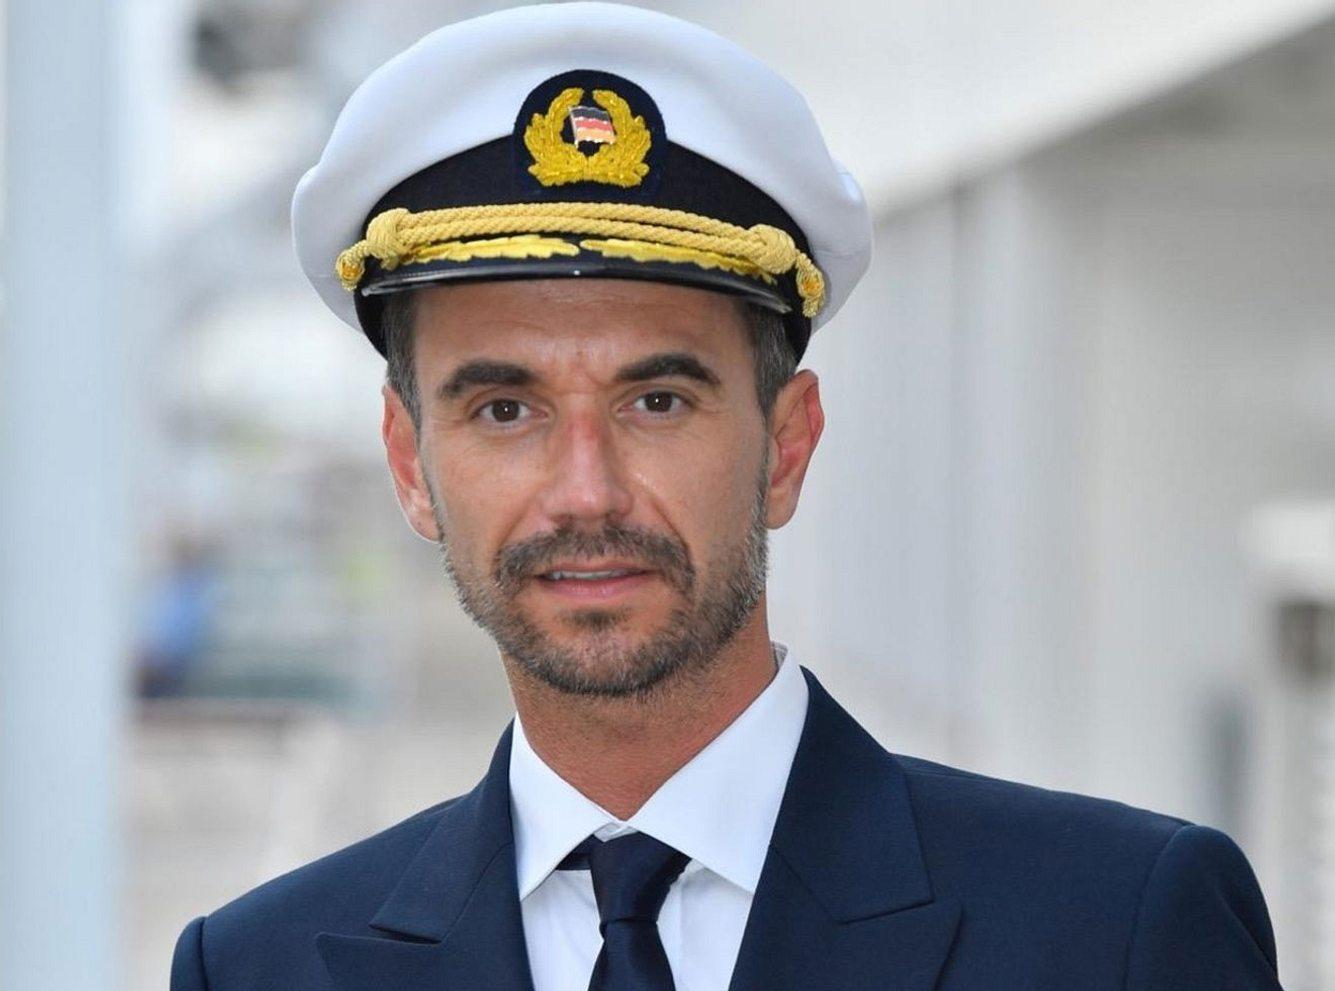 Florian Silbereisen als Kapitän Max Parger auf dem 'Traumschiff'.